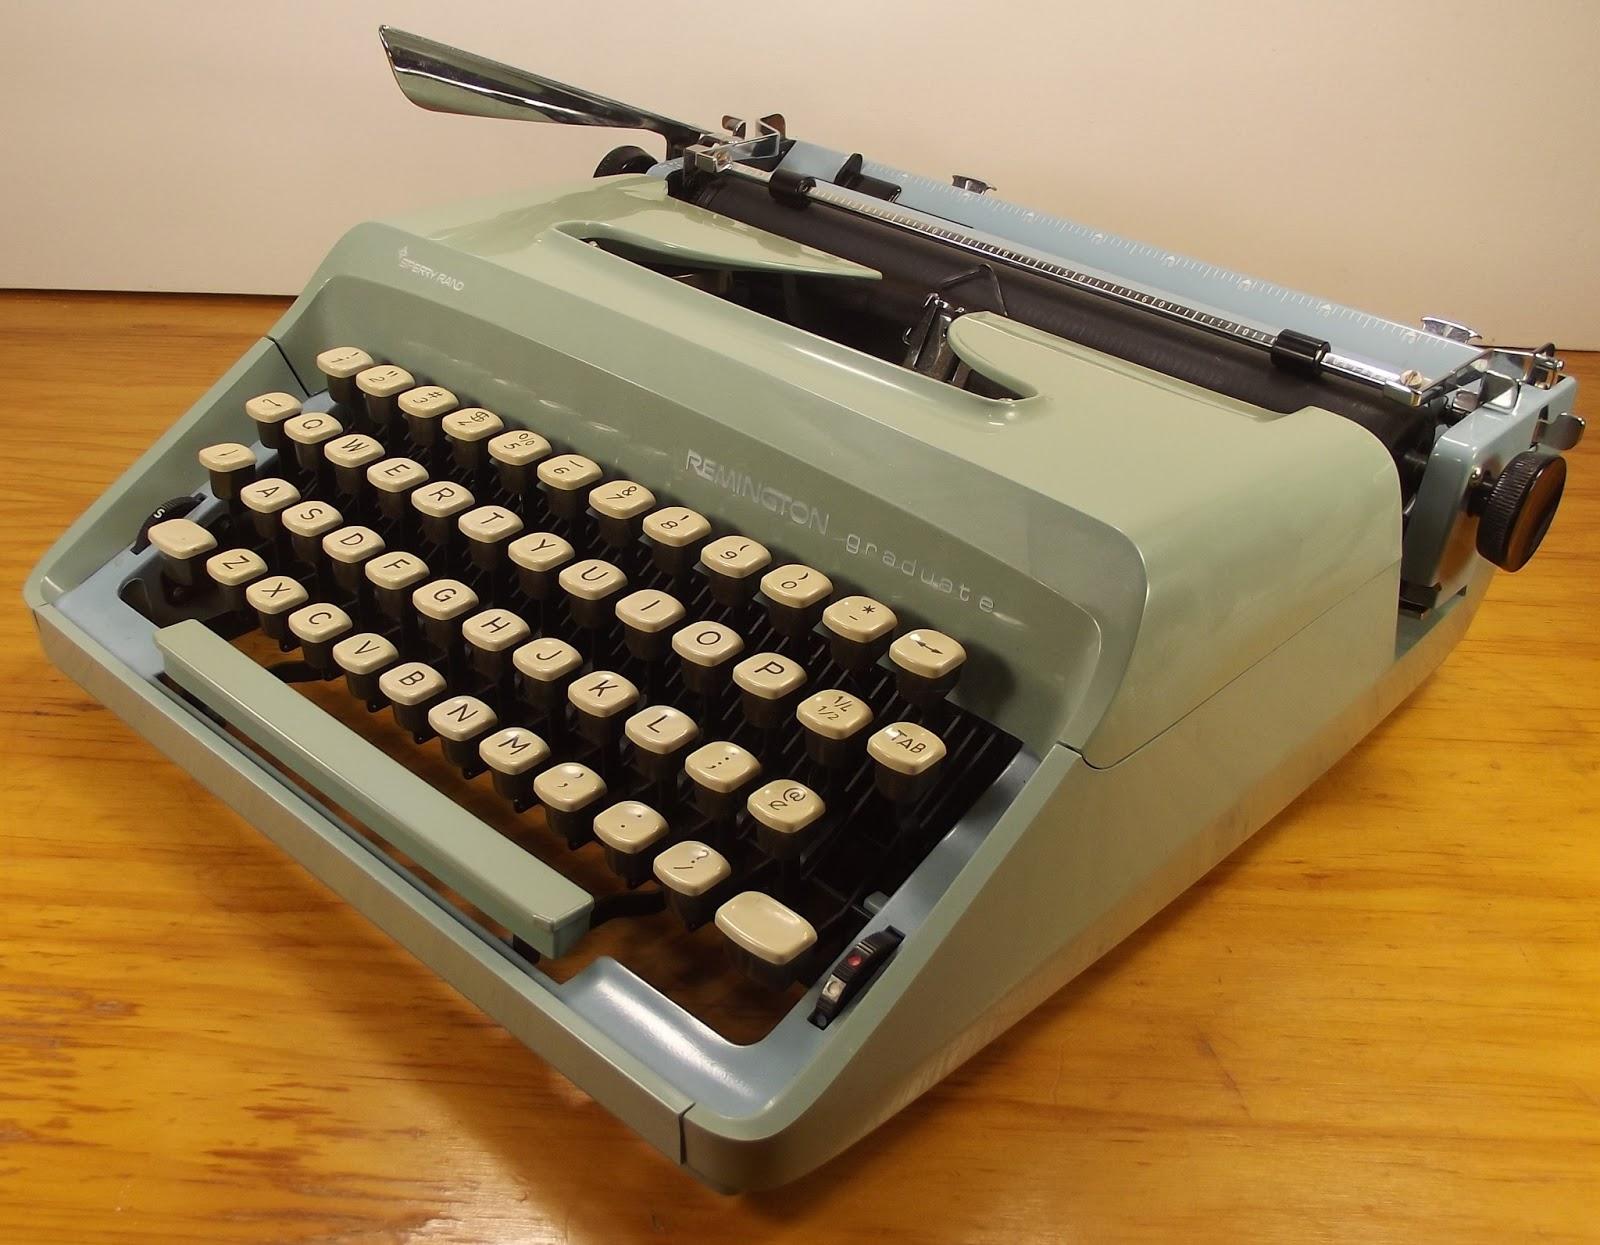 Oz Typewriter Good Remington Portable Typewriters Bad